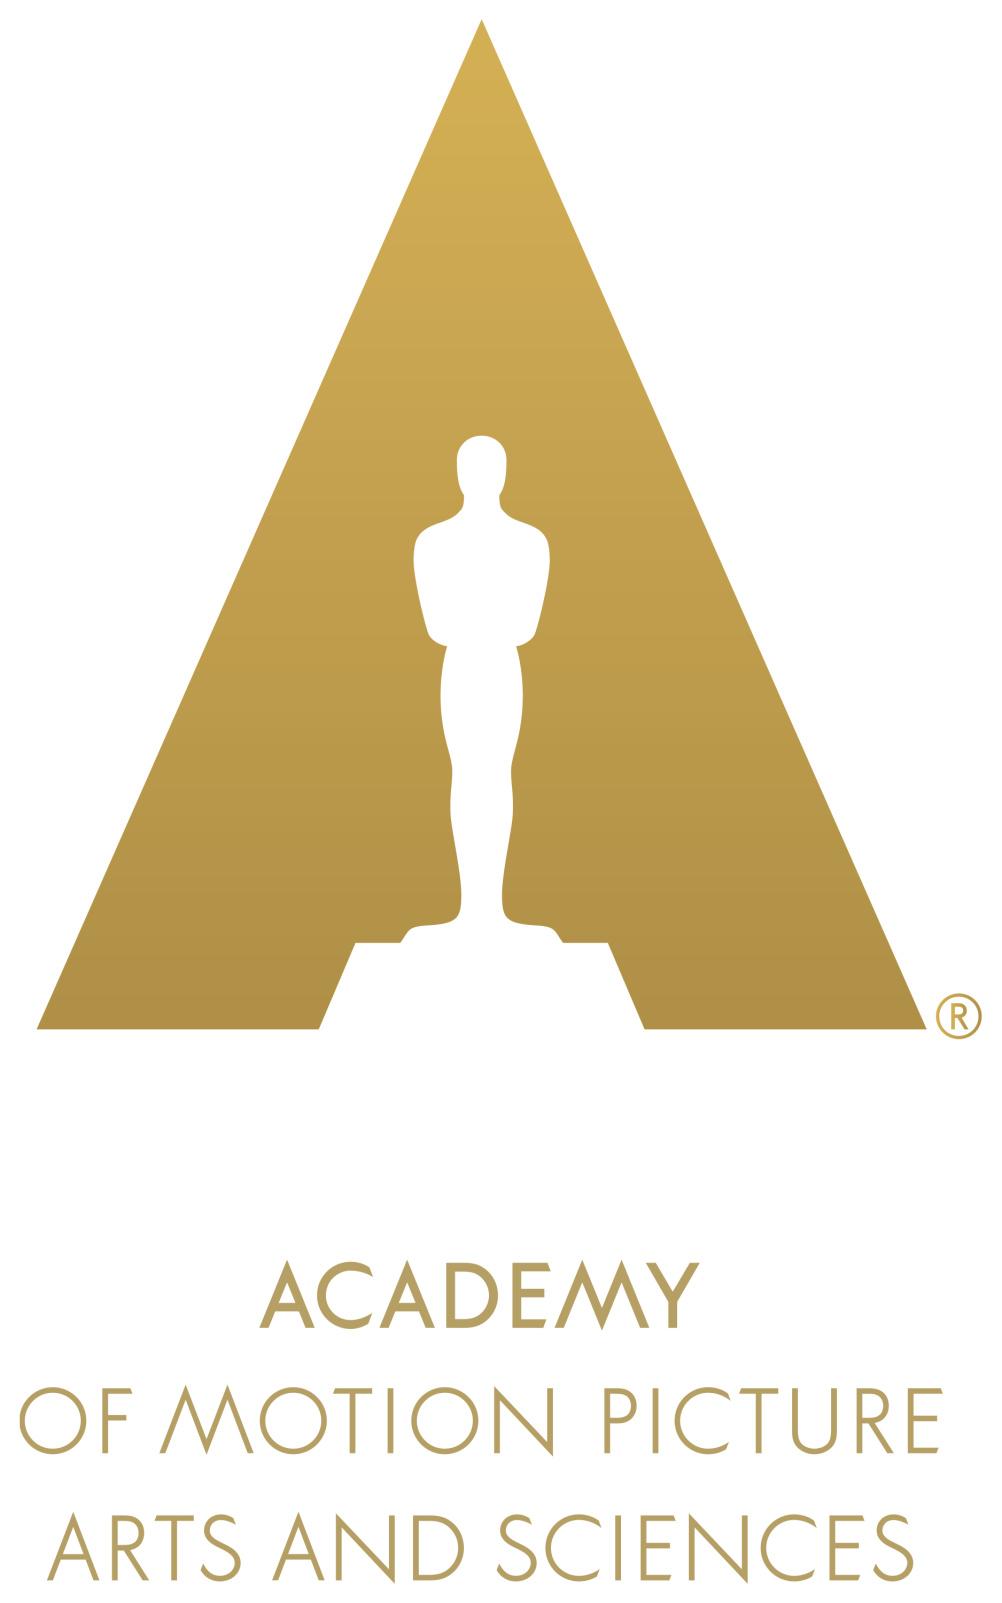 The Academy logo